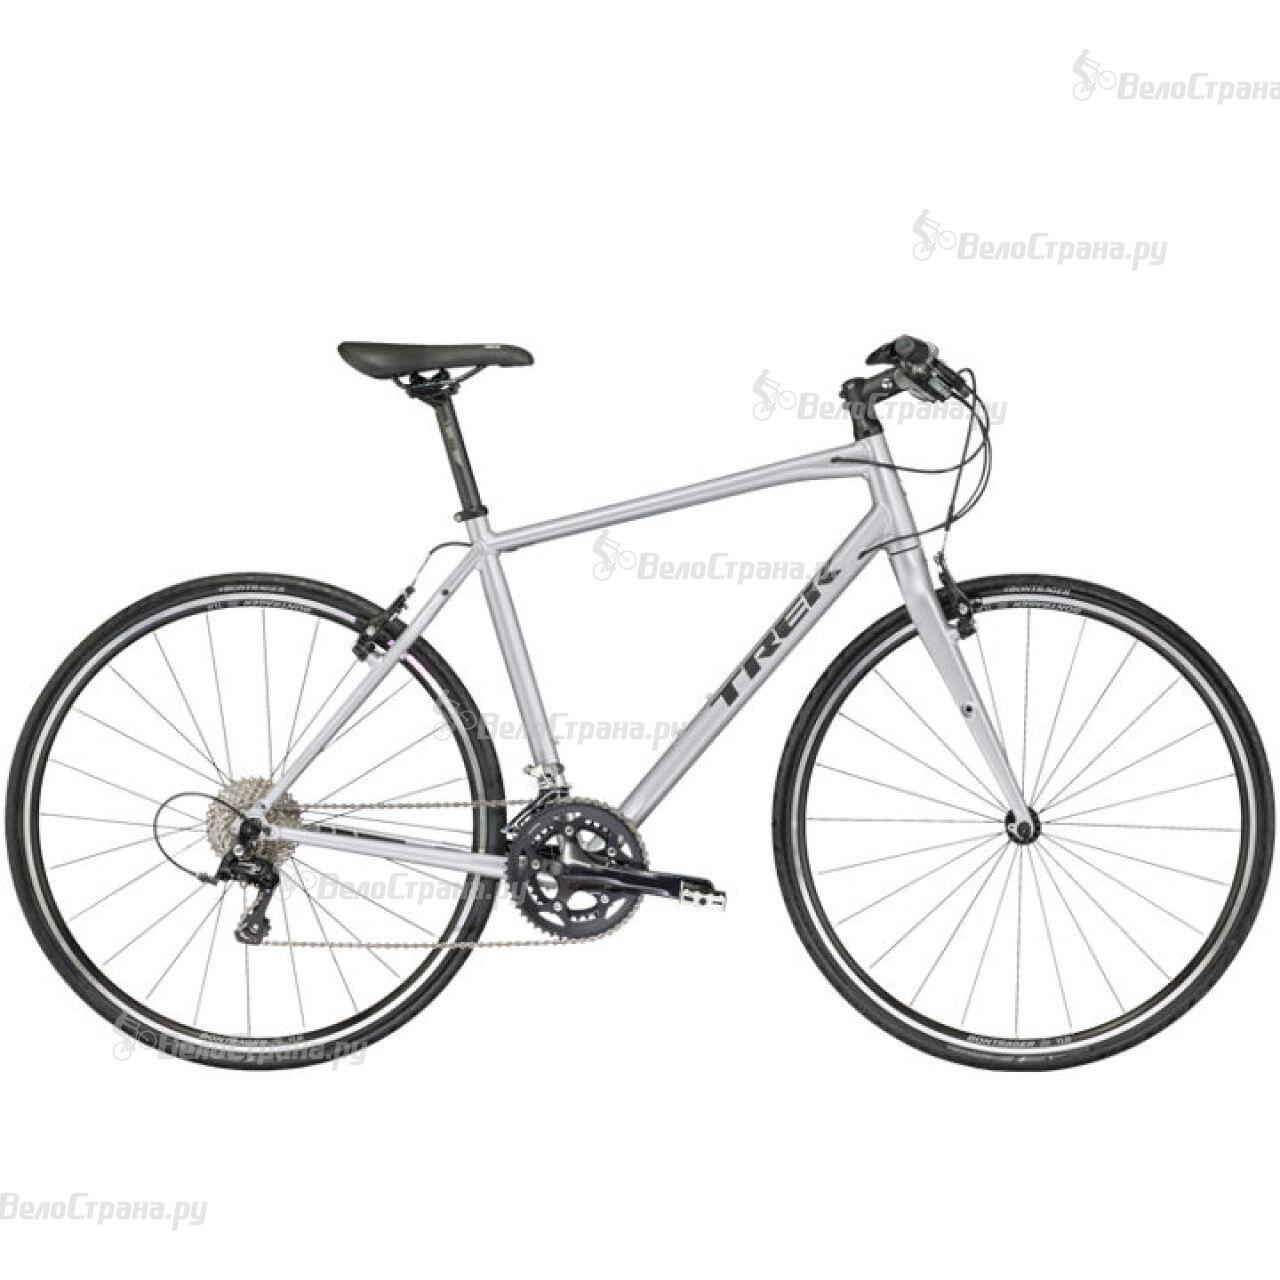 Велосипед Trek FX S 4 (2017)